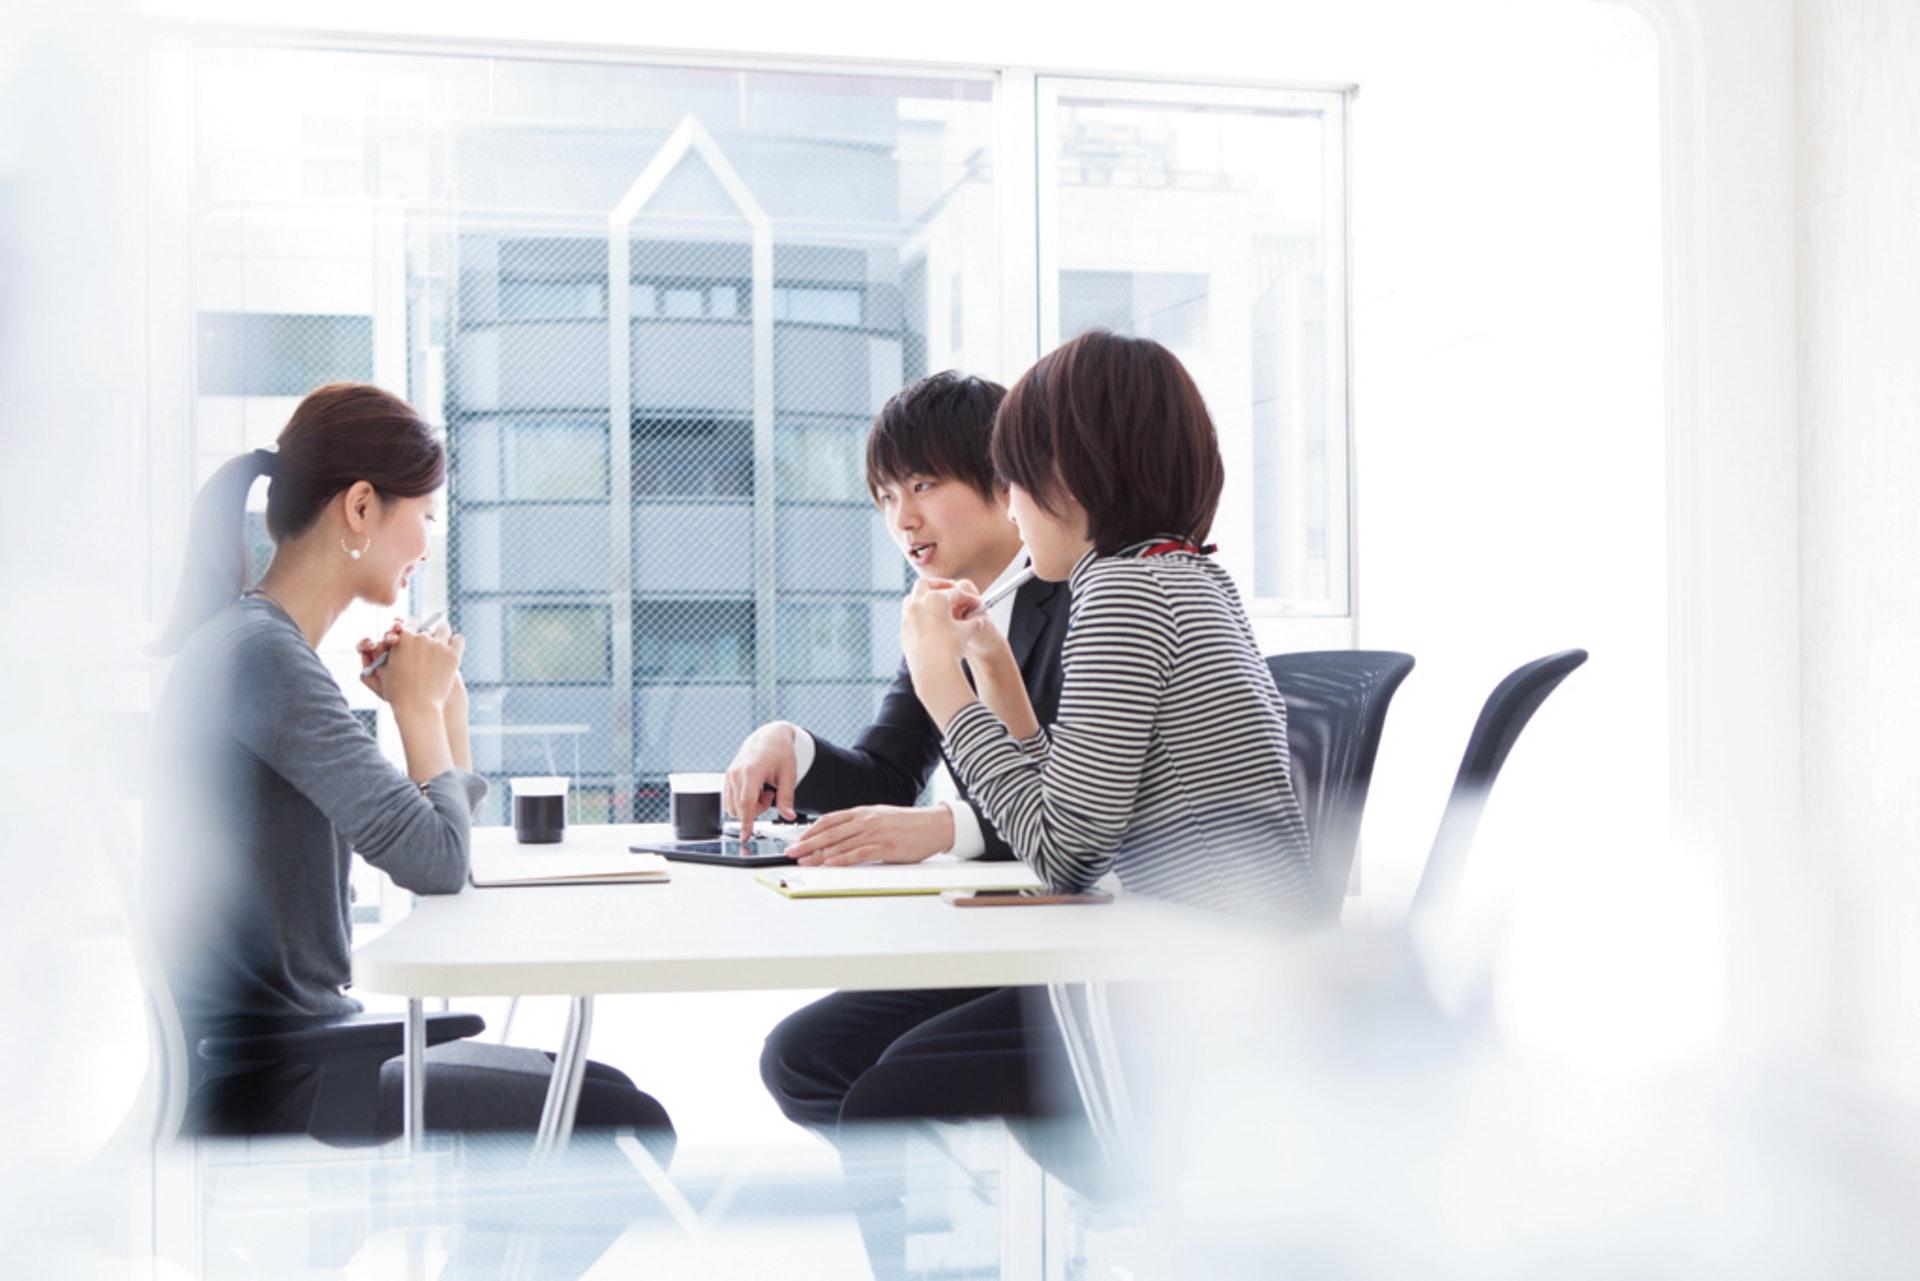 微軟日本在今年8月試行新措施,試行四天工作周。(資料圖片)